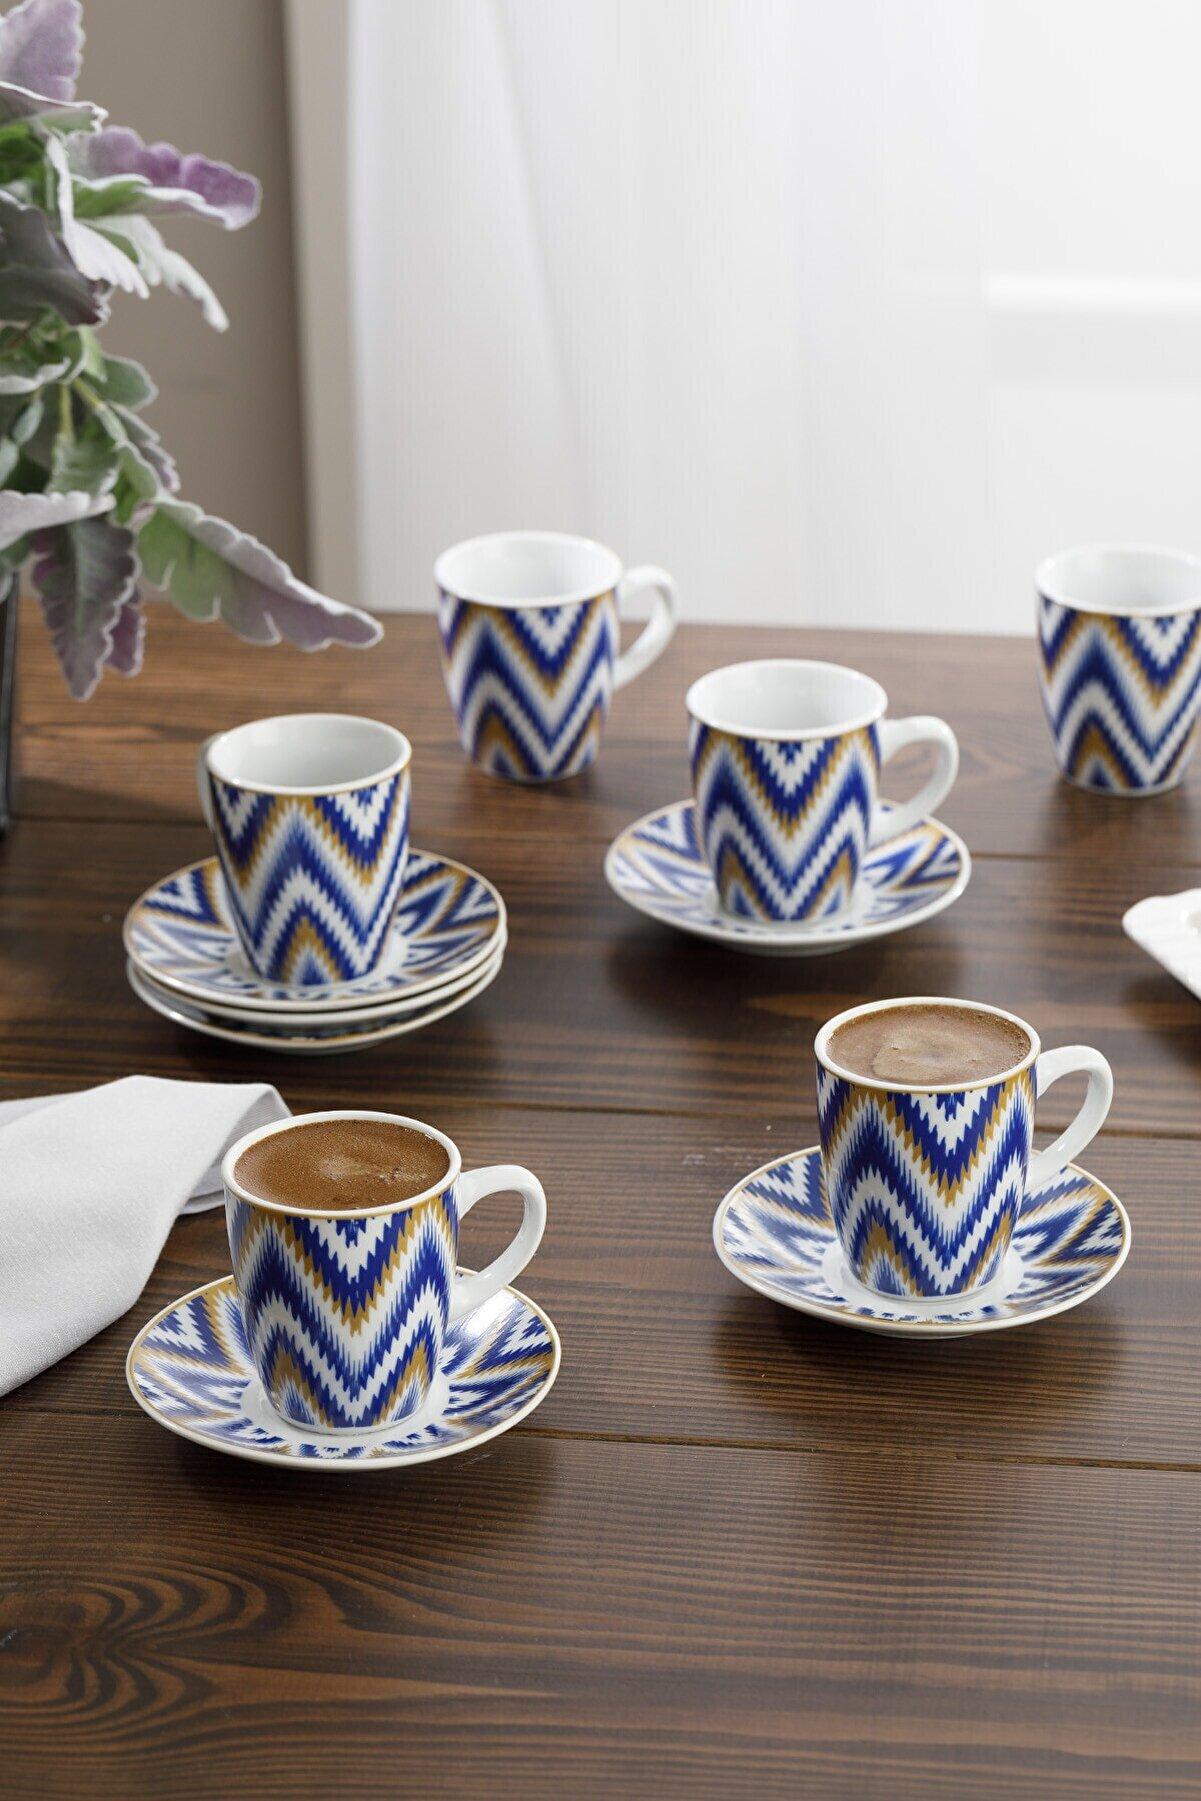 English Home Eva Porselen 6'lı Kahve Fincan Takımı 100 ml Mavi